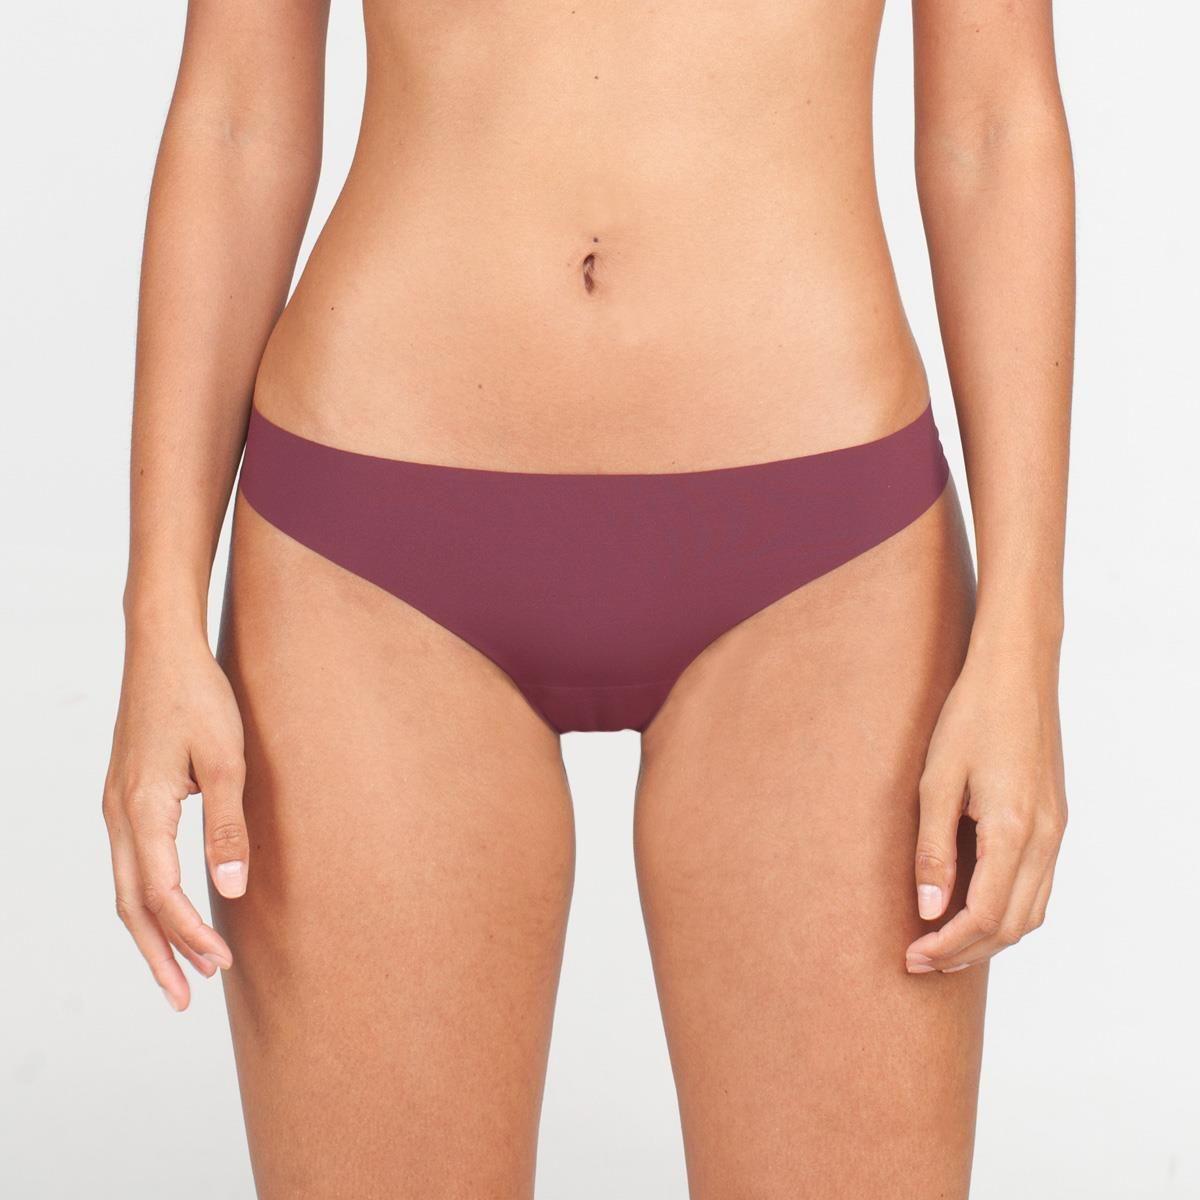 Invisible public bikini